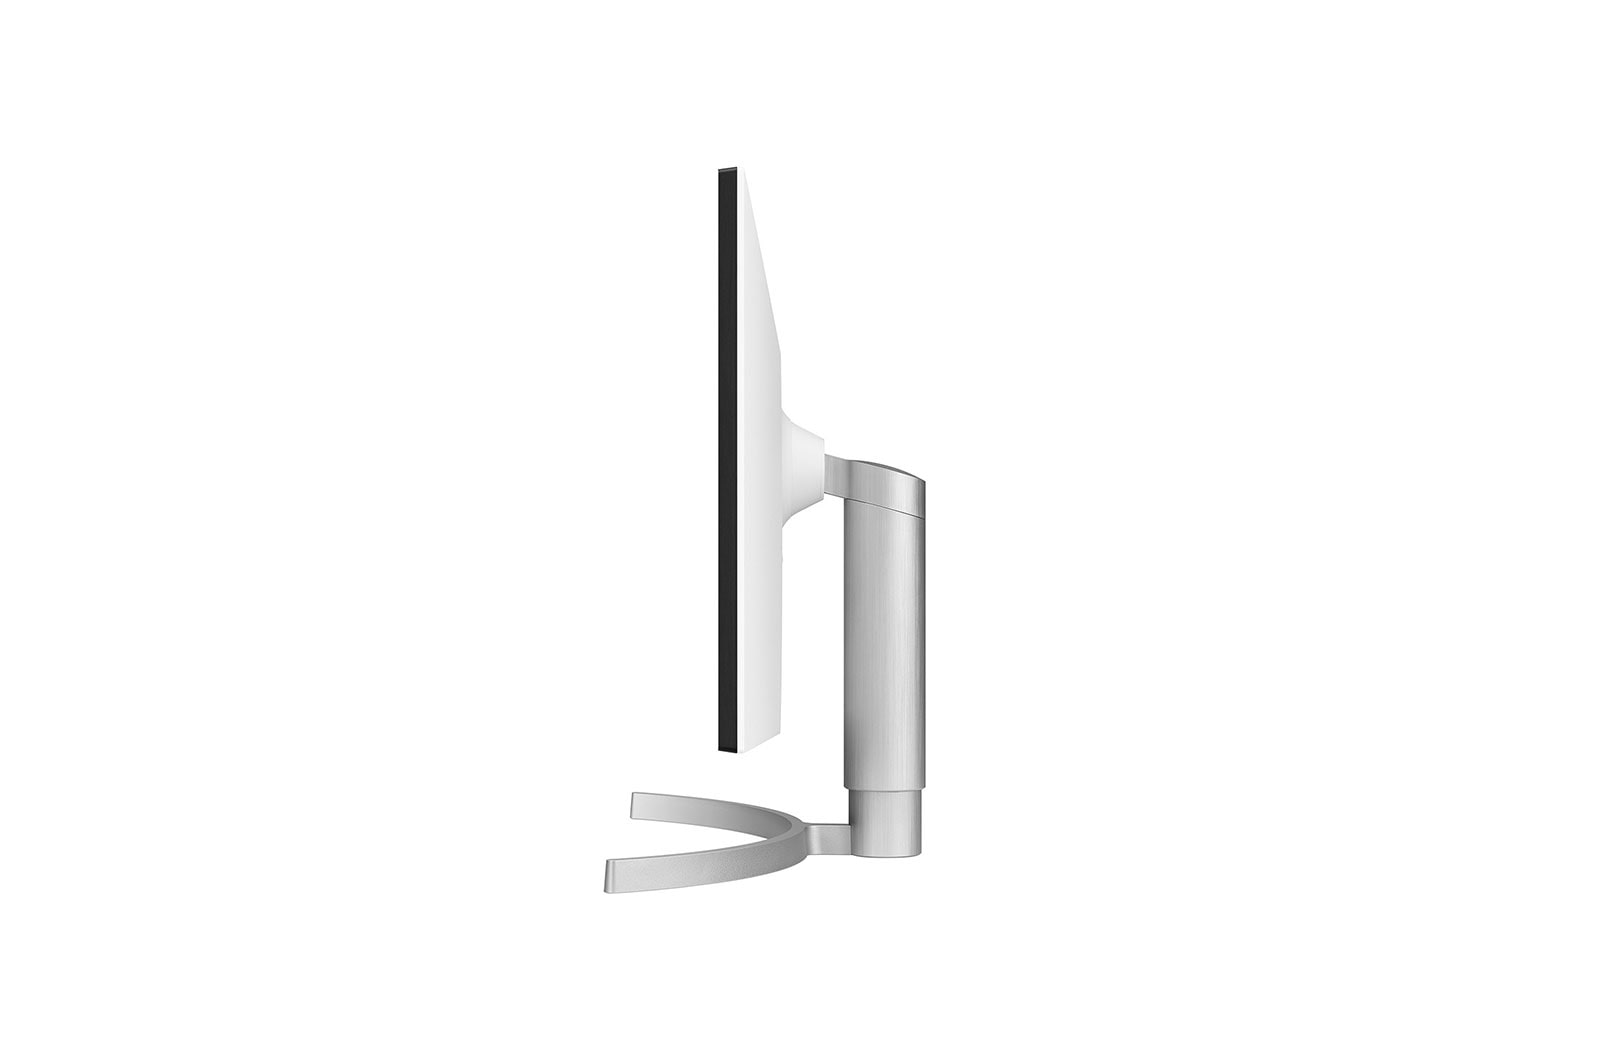 LG モニター 27UL550-W 5